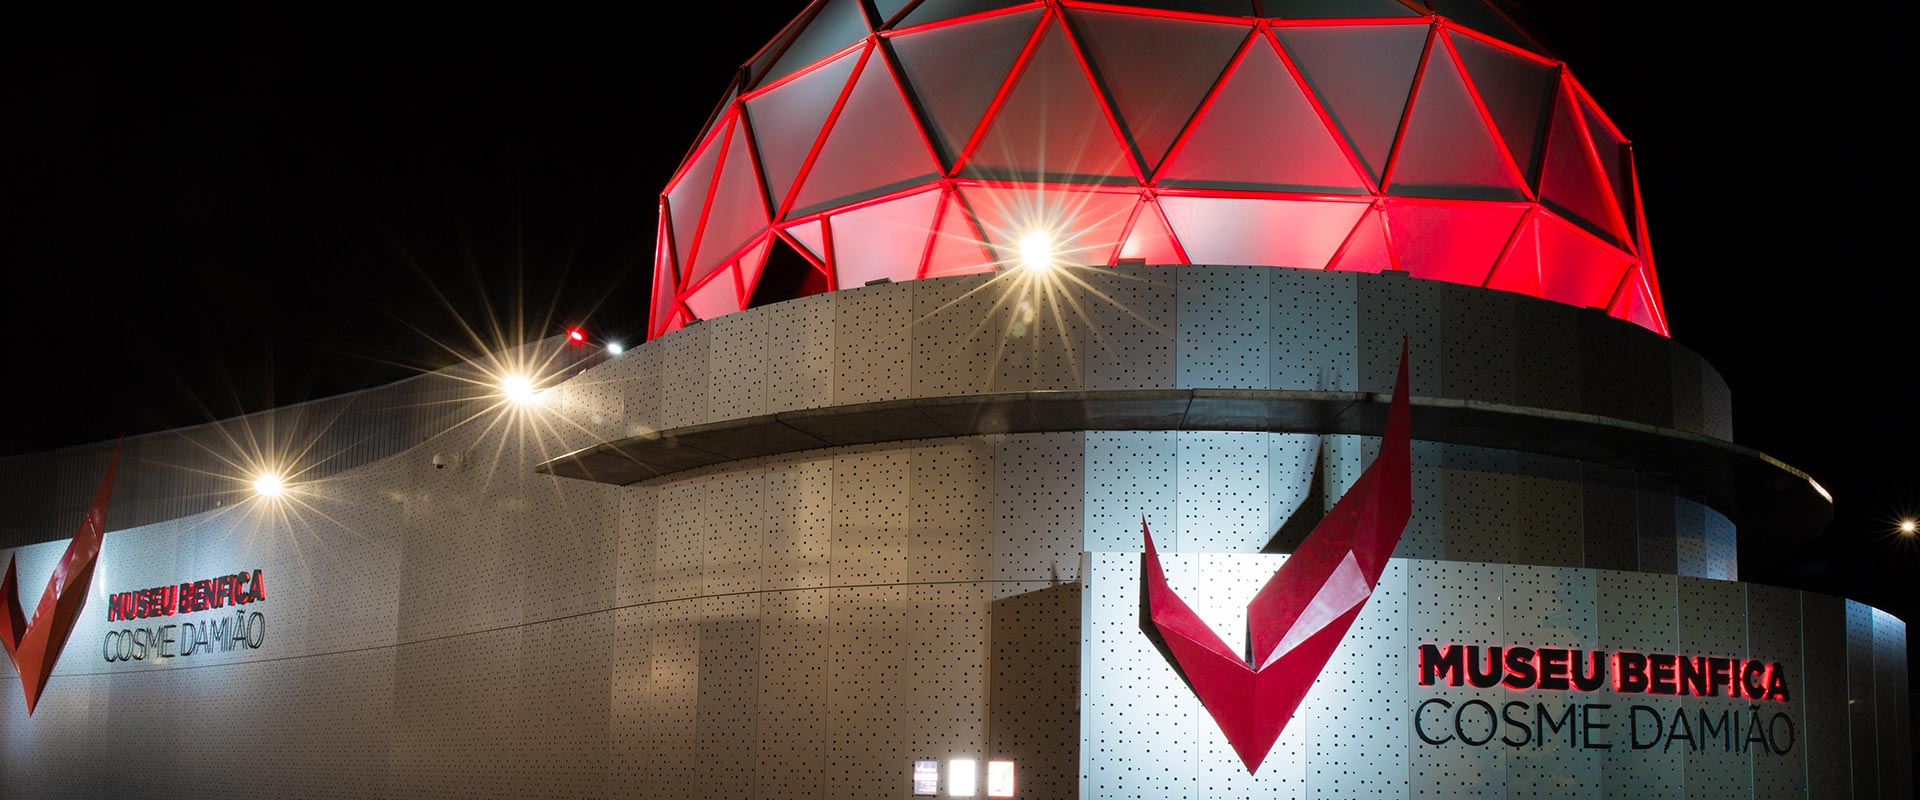 iluminacao-arquitetural-LED_museu-benfica4